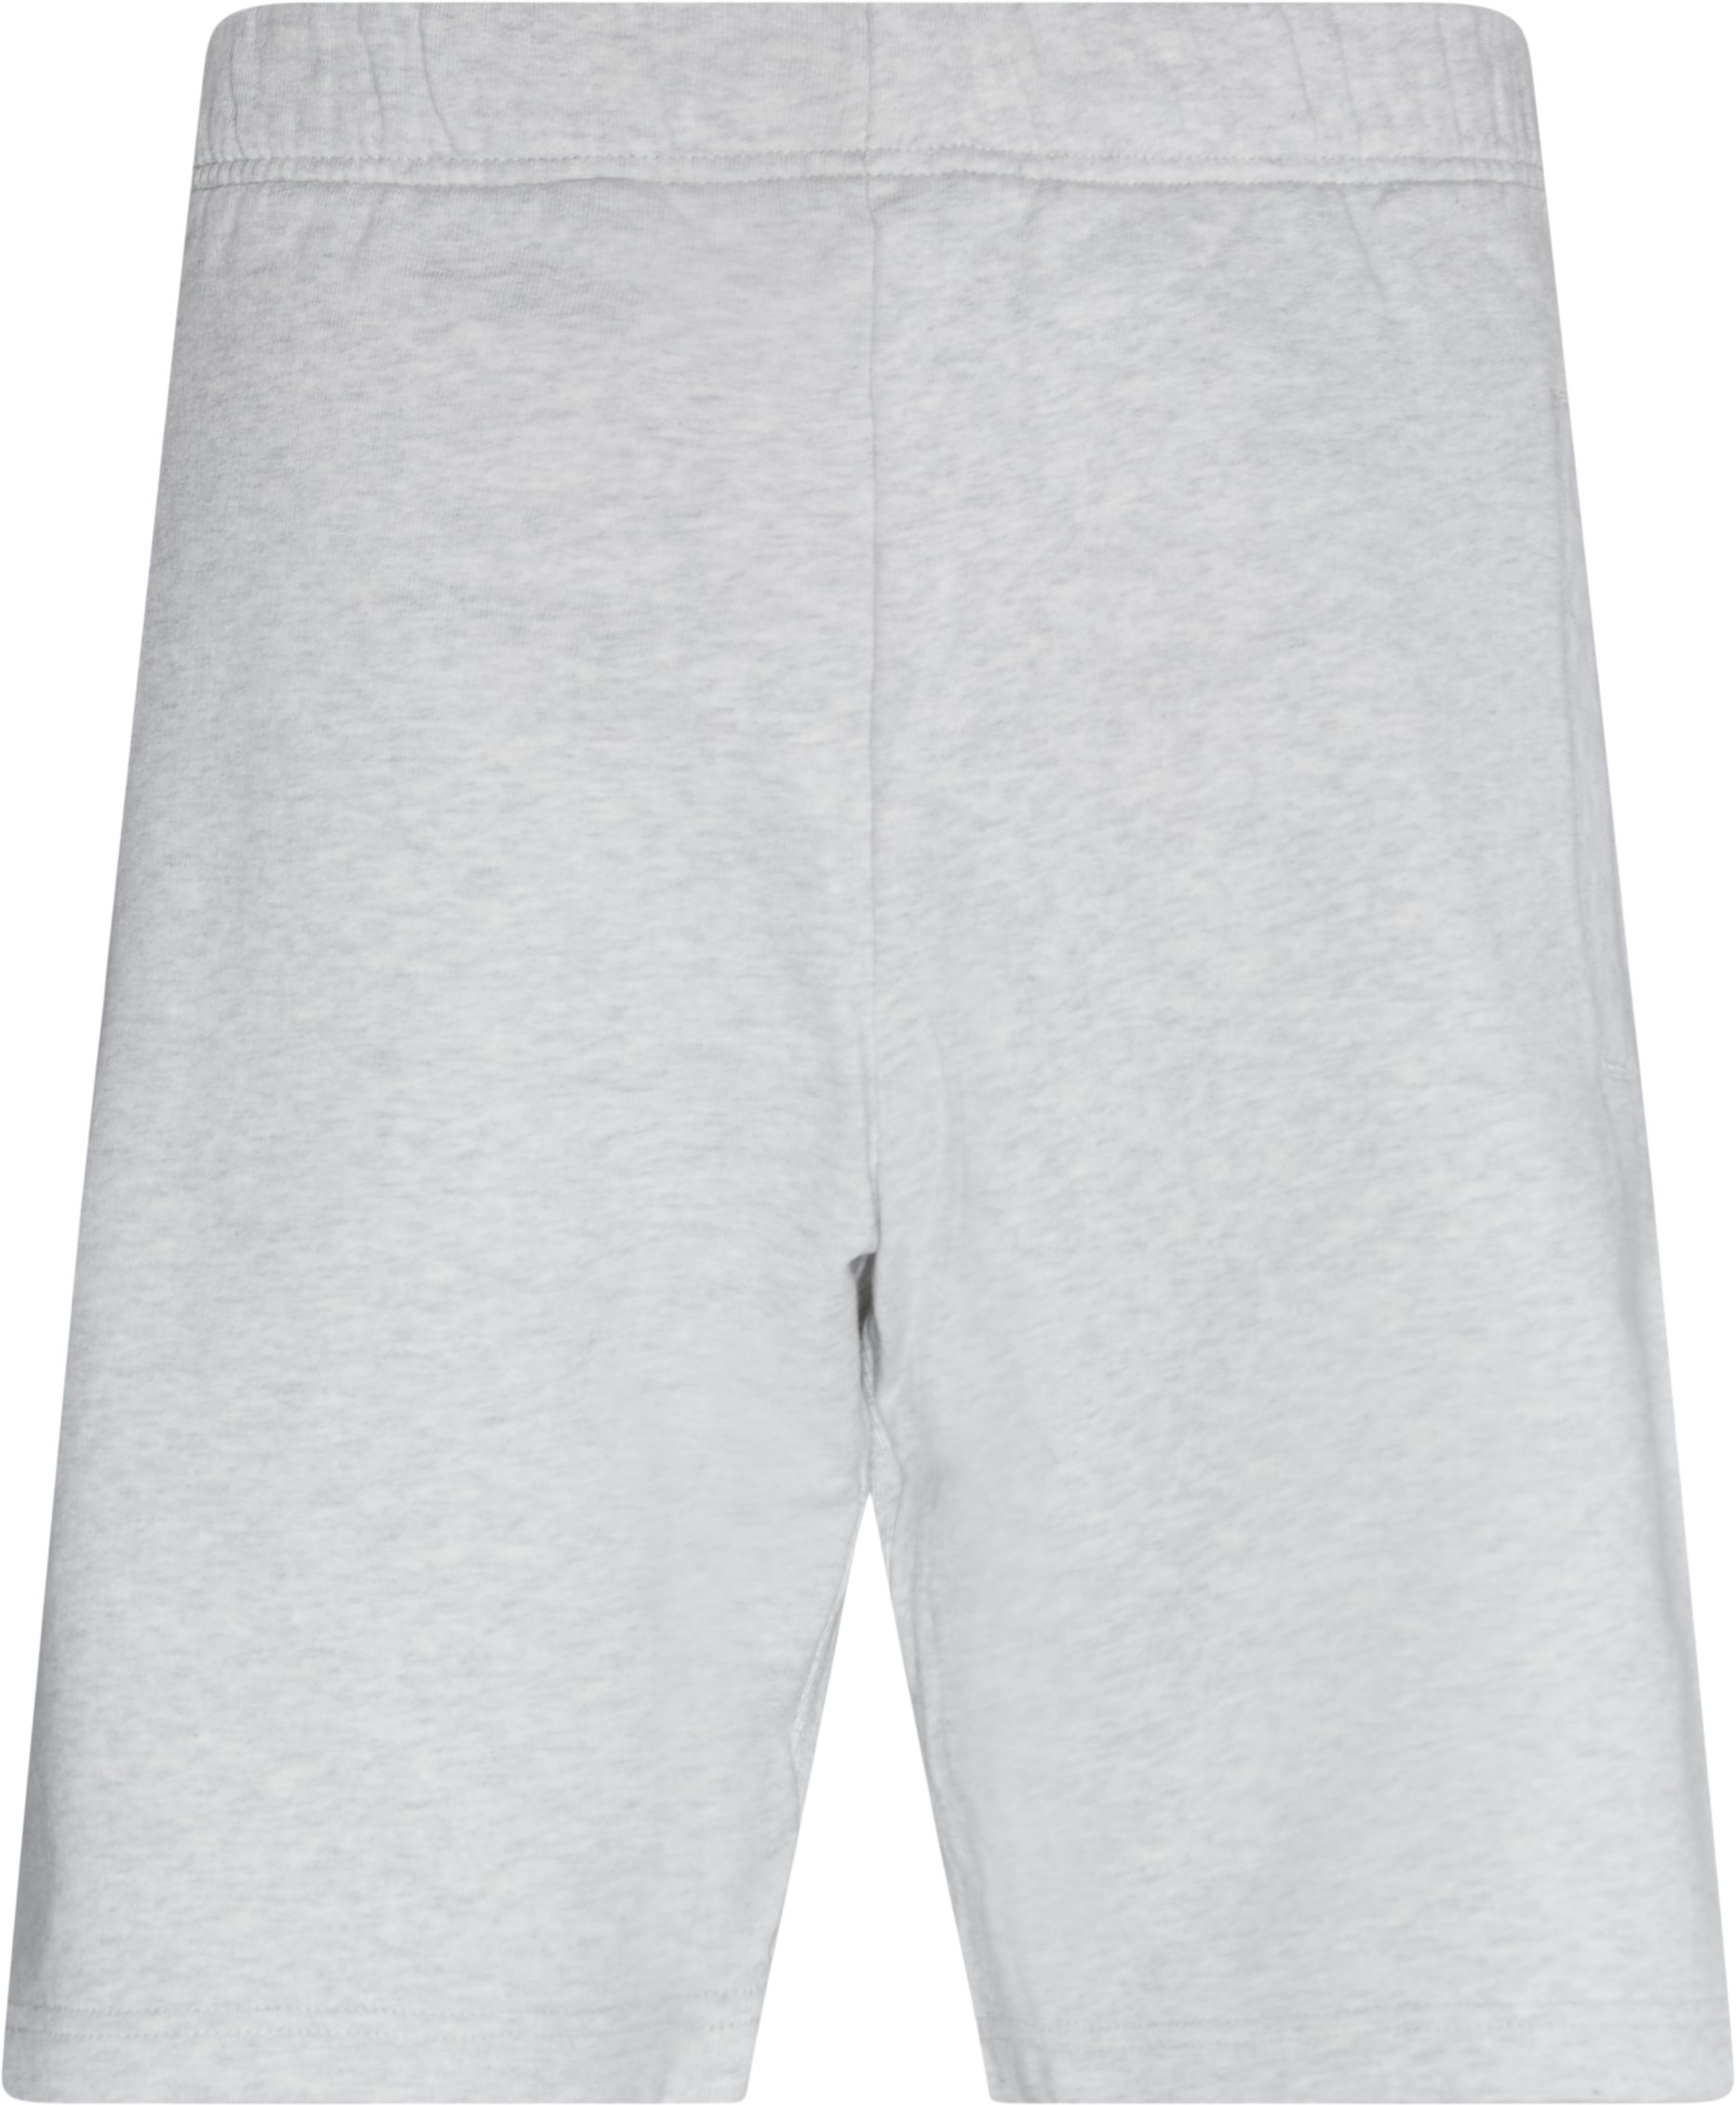 Pocket Sweatshorts I027698 - Shorts - Regular fit - Grå